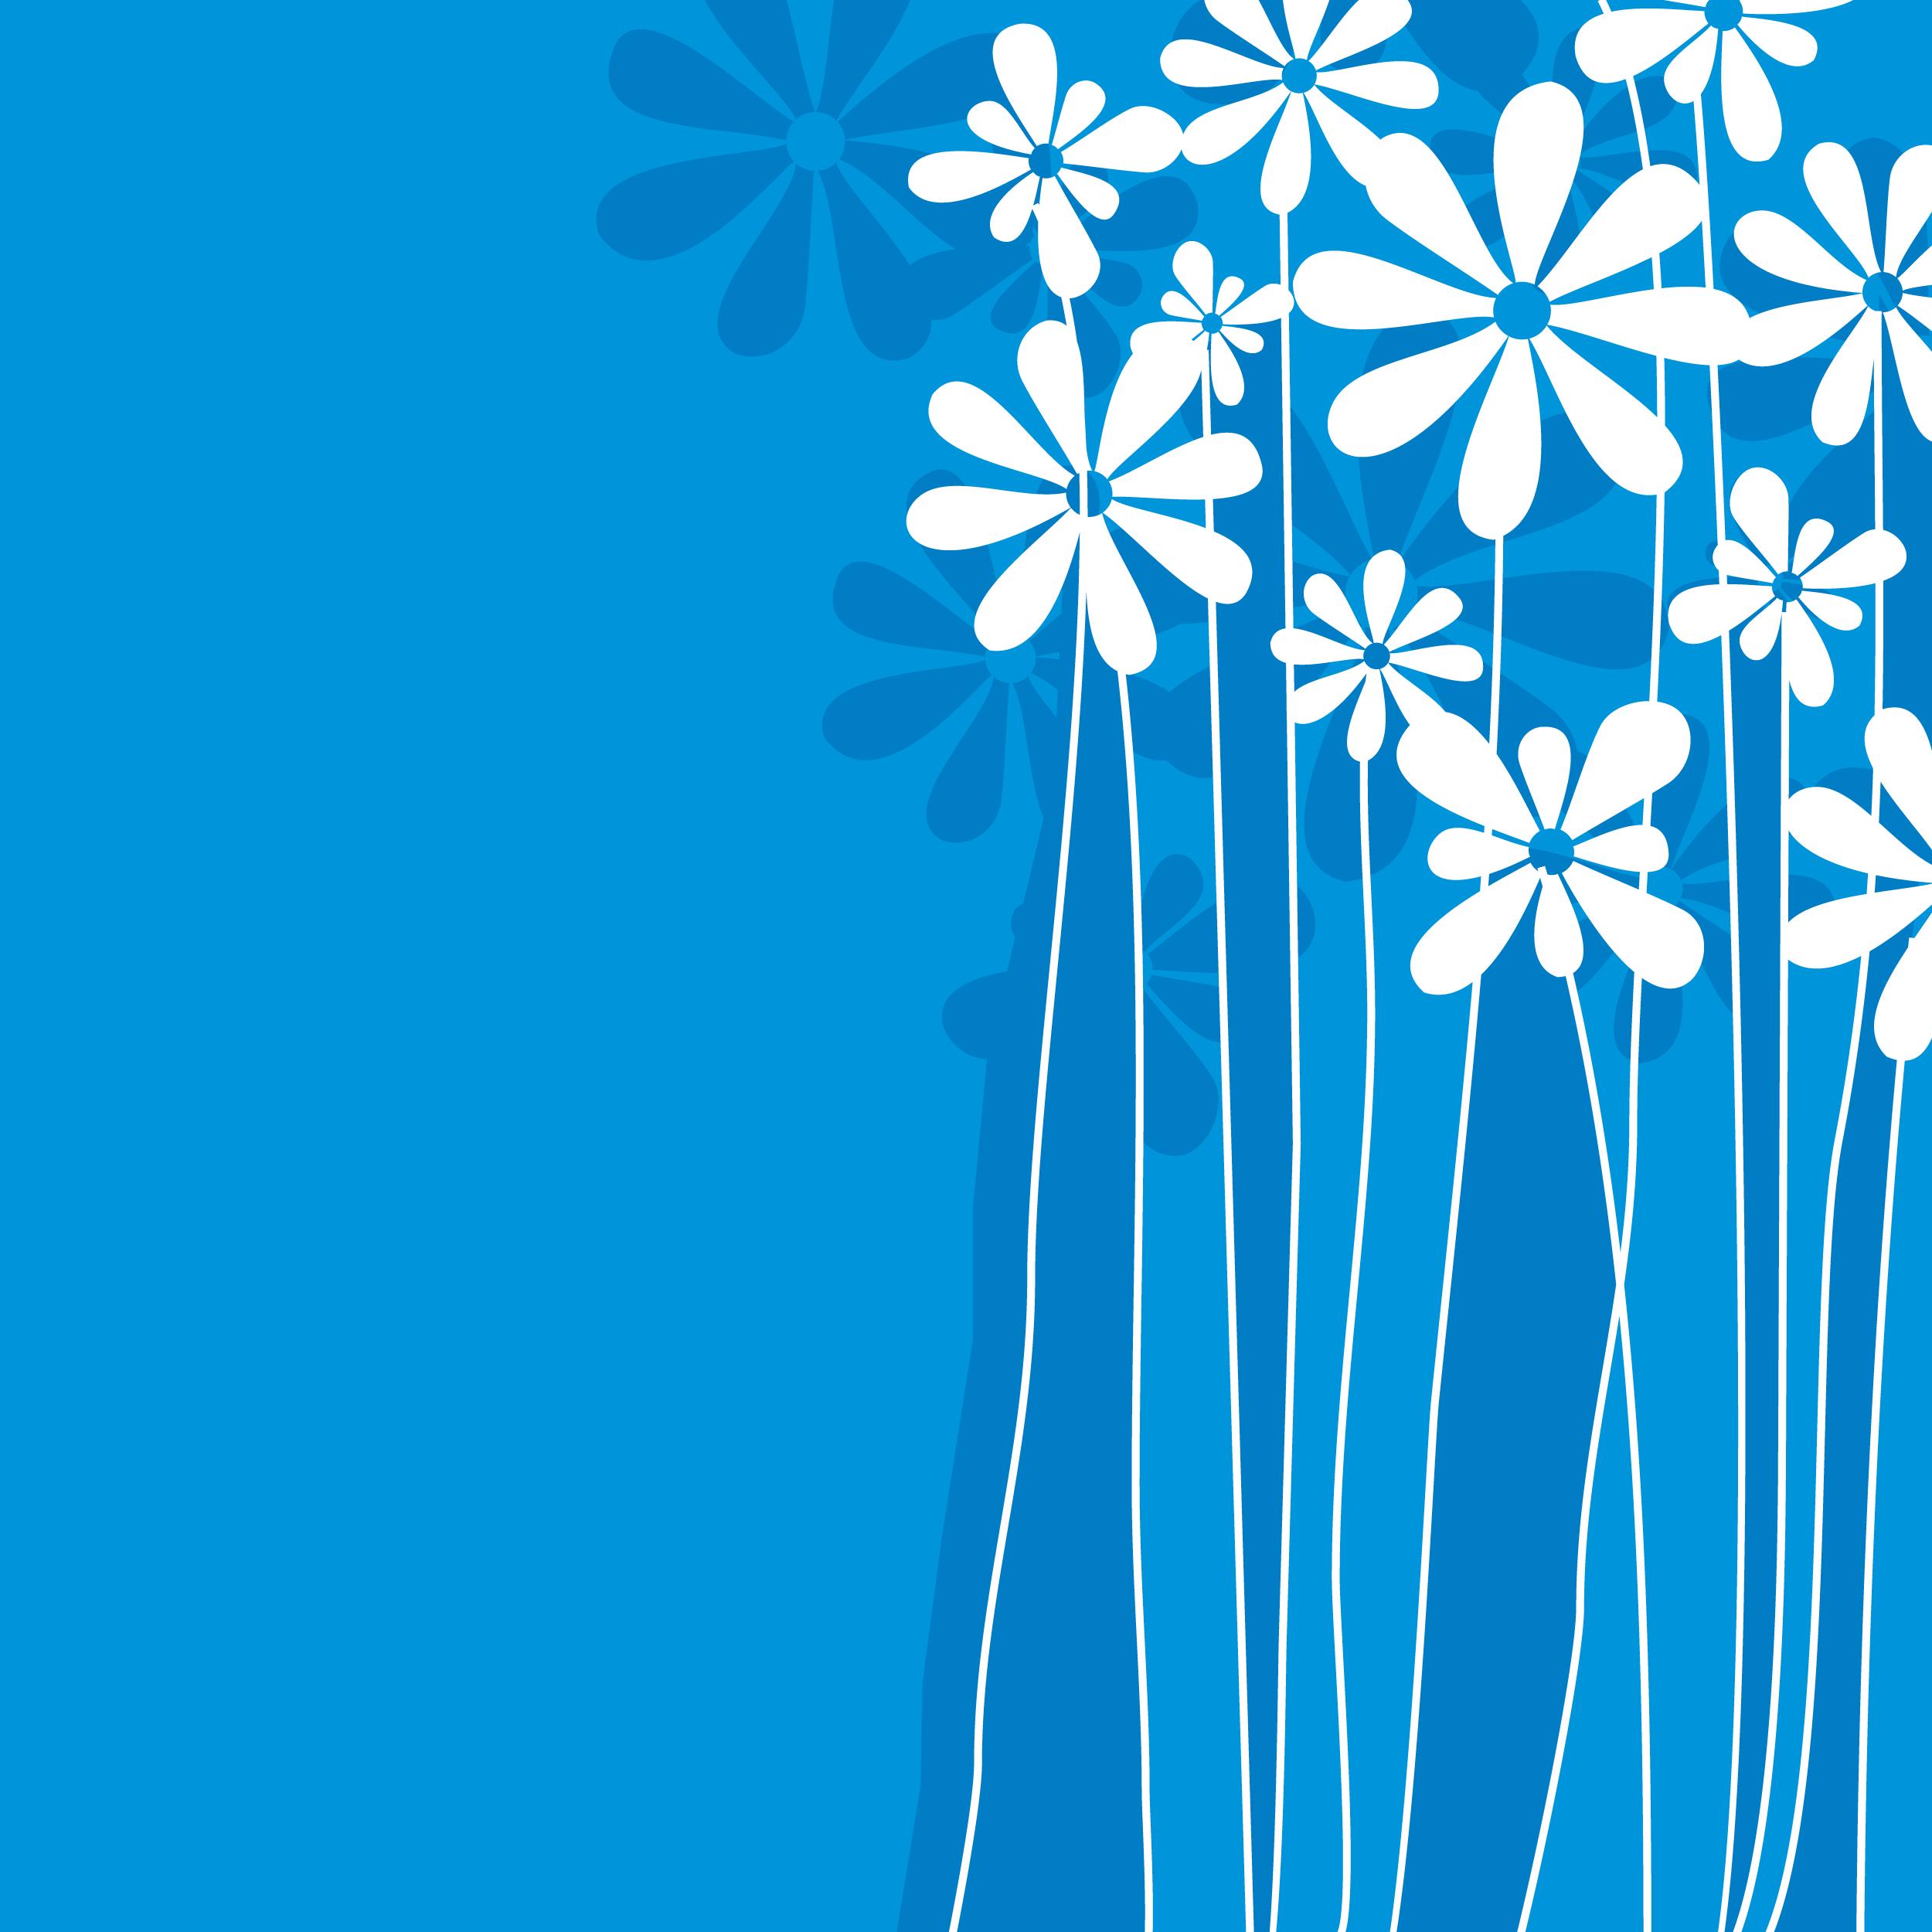 花のイラスト フリー素材 壁紙 背景no 825 青 影 白抜き